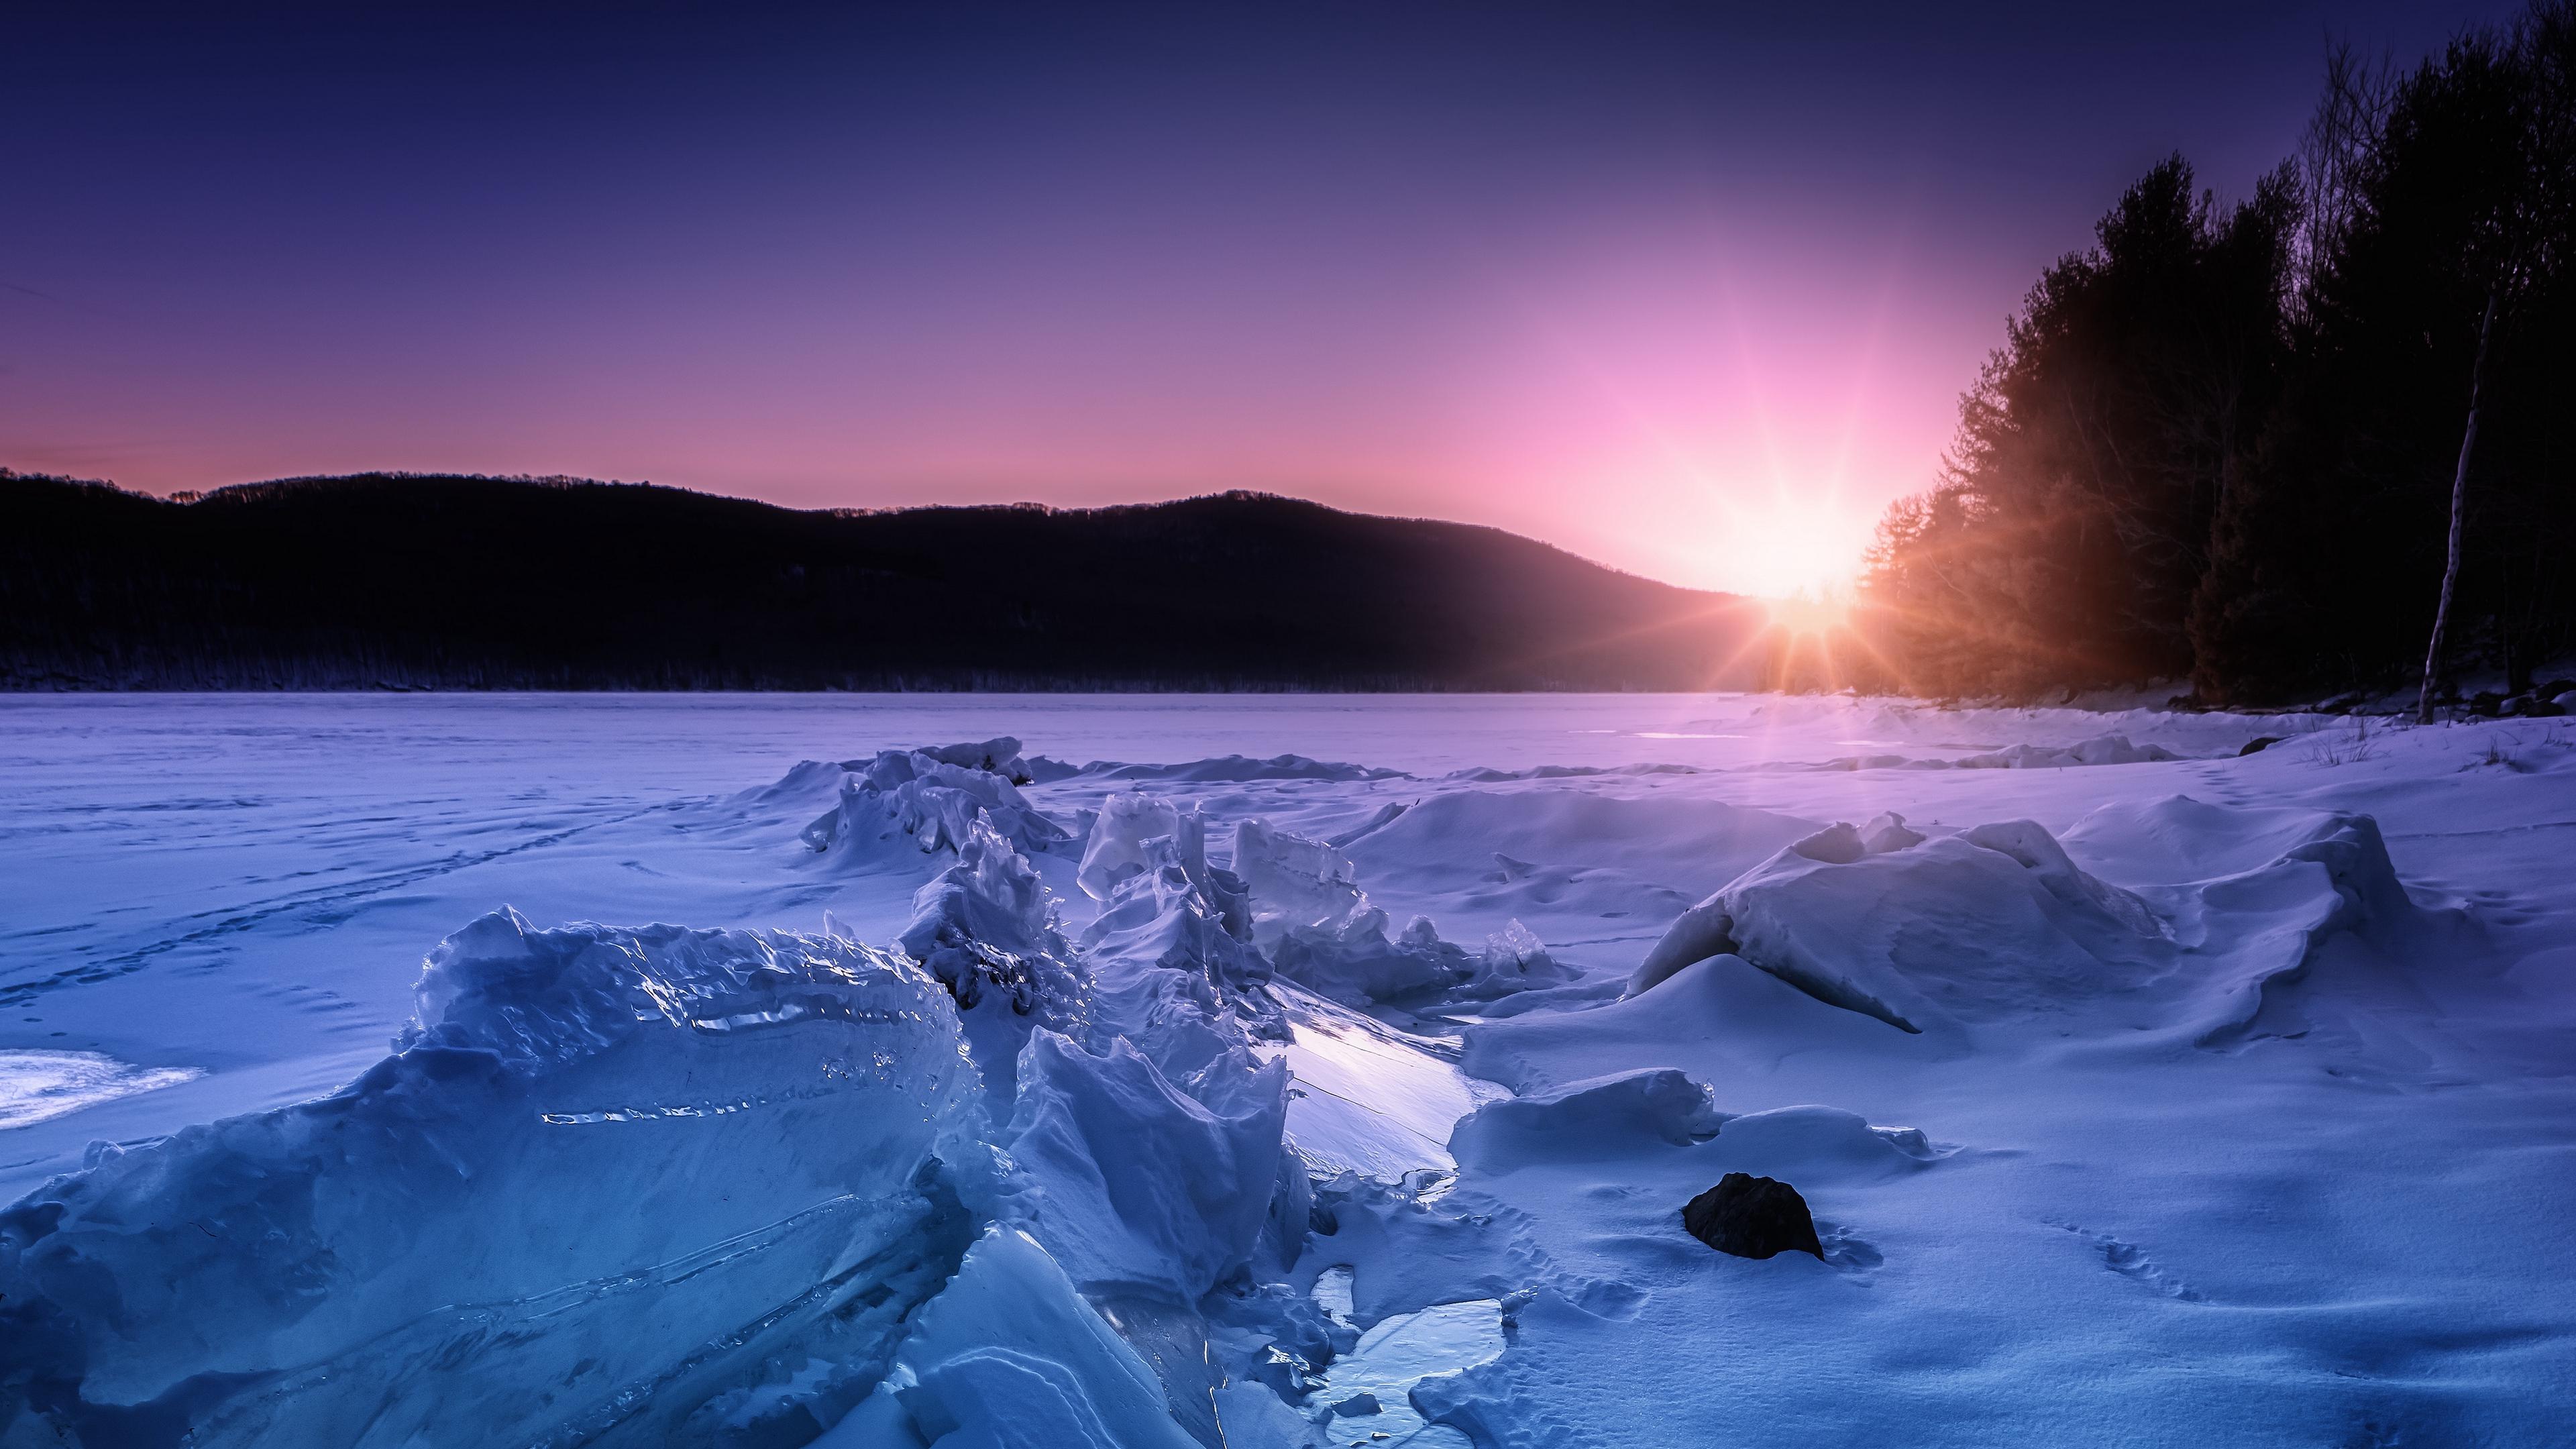 ice snow sunset horizon 4k 1541116665 - ice, snow, sunset, horizon 4k - sunset, Snow, Ice